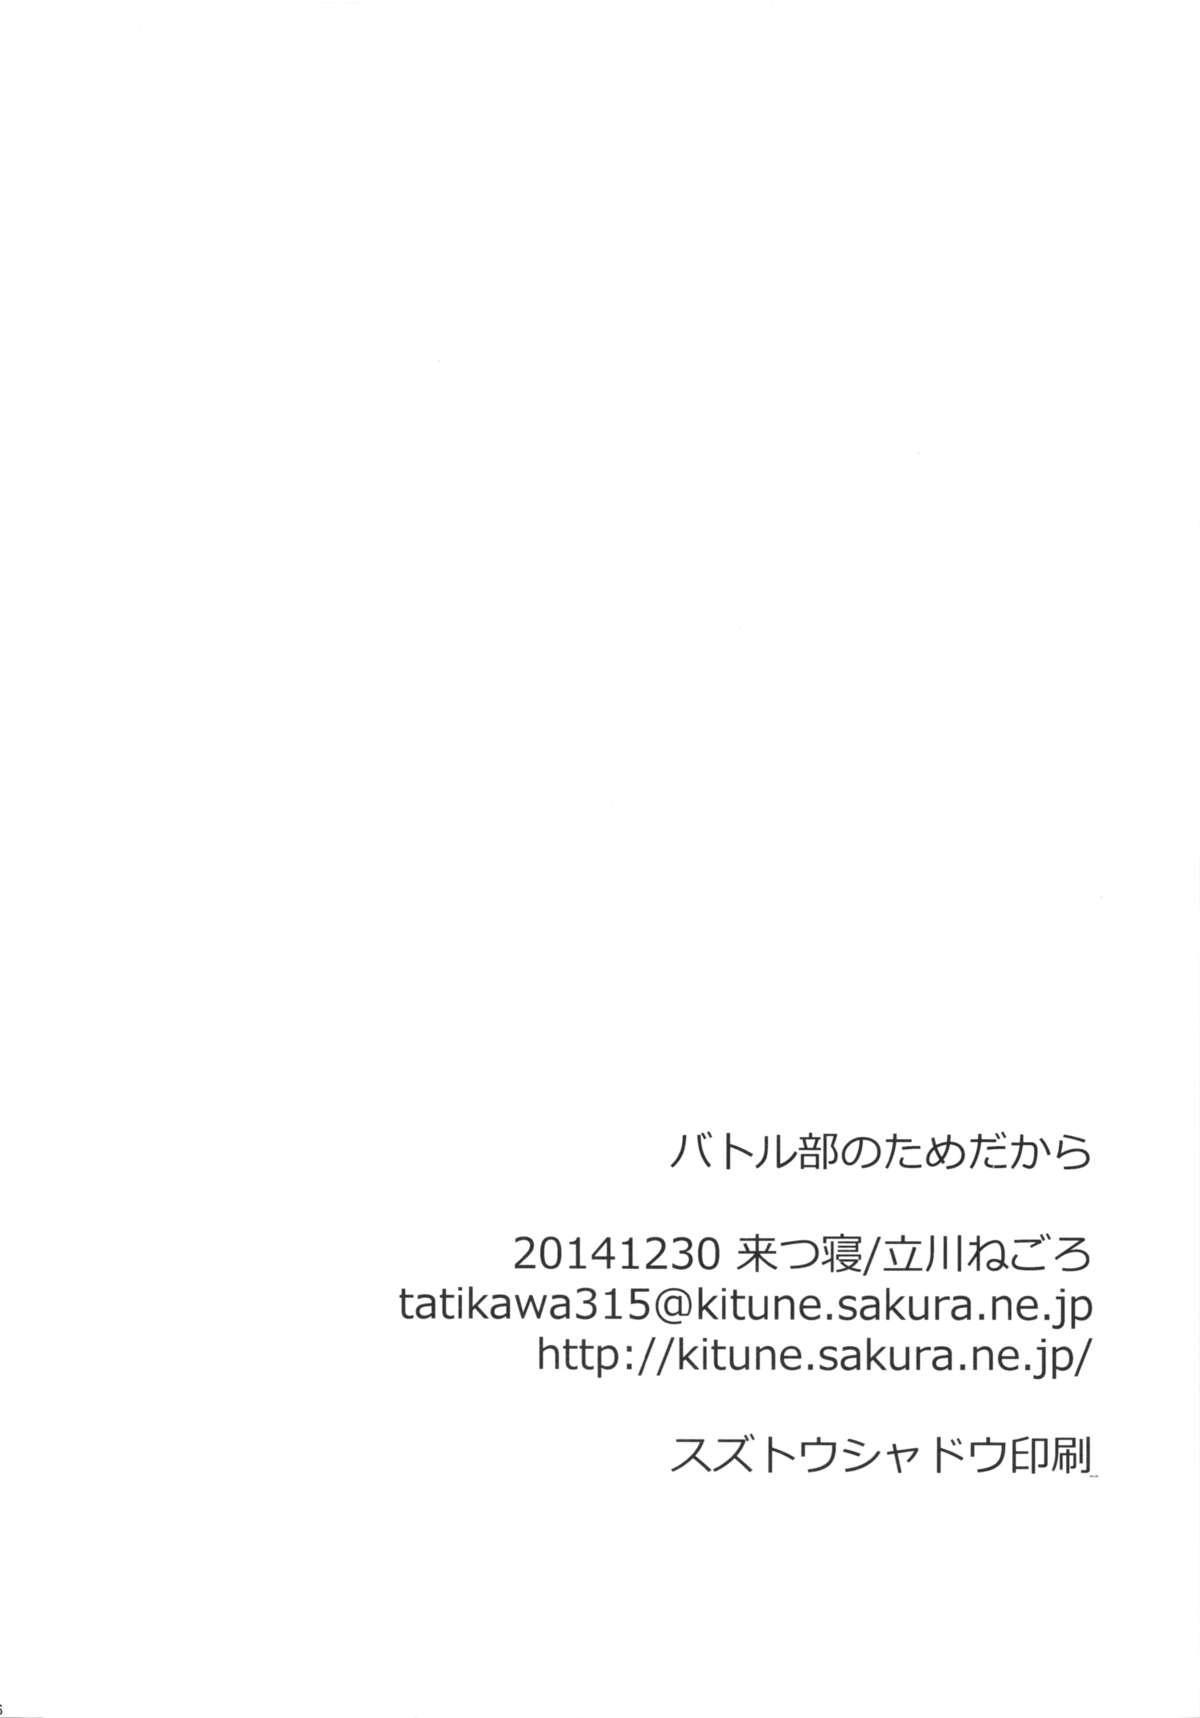 Battle-bu no tame dakara 24